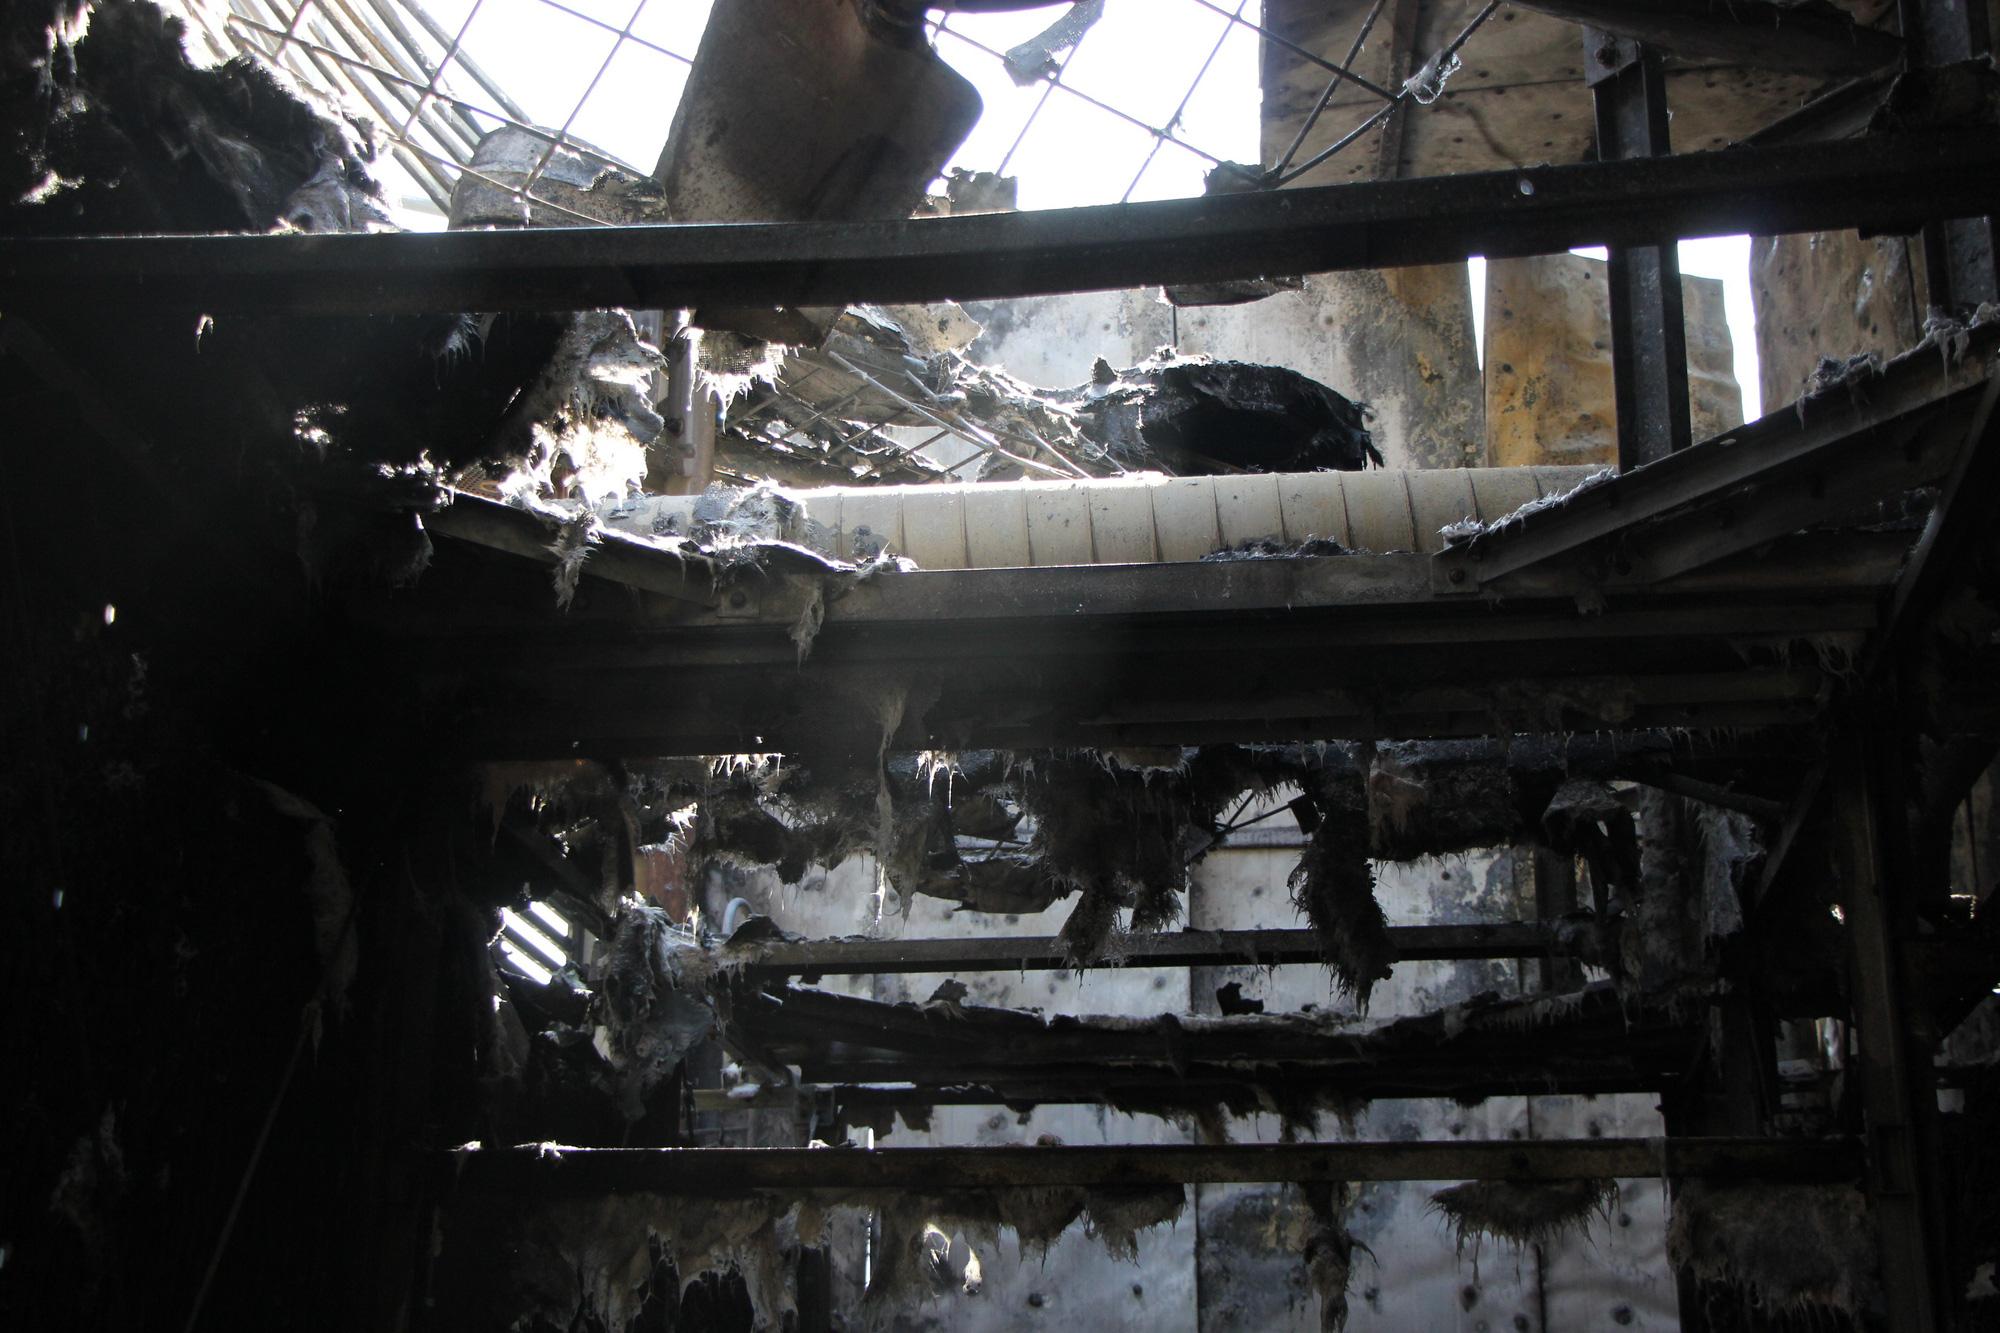 Hà Nội: Cháy hệ thống điều hòa chung cư, hàng trăm người hoảng loạn bỏ chạy - Ảnh 6.